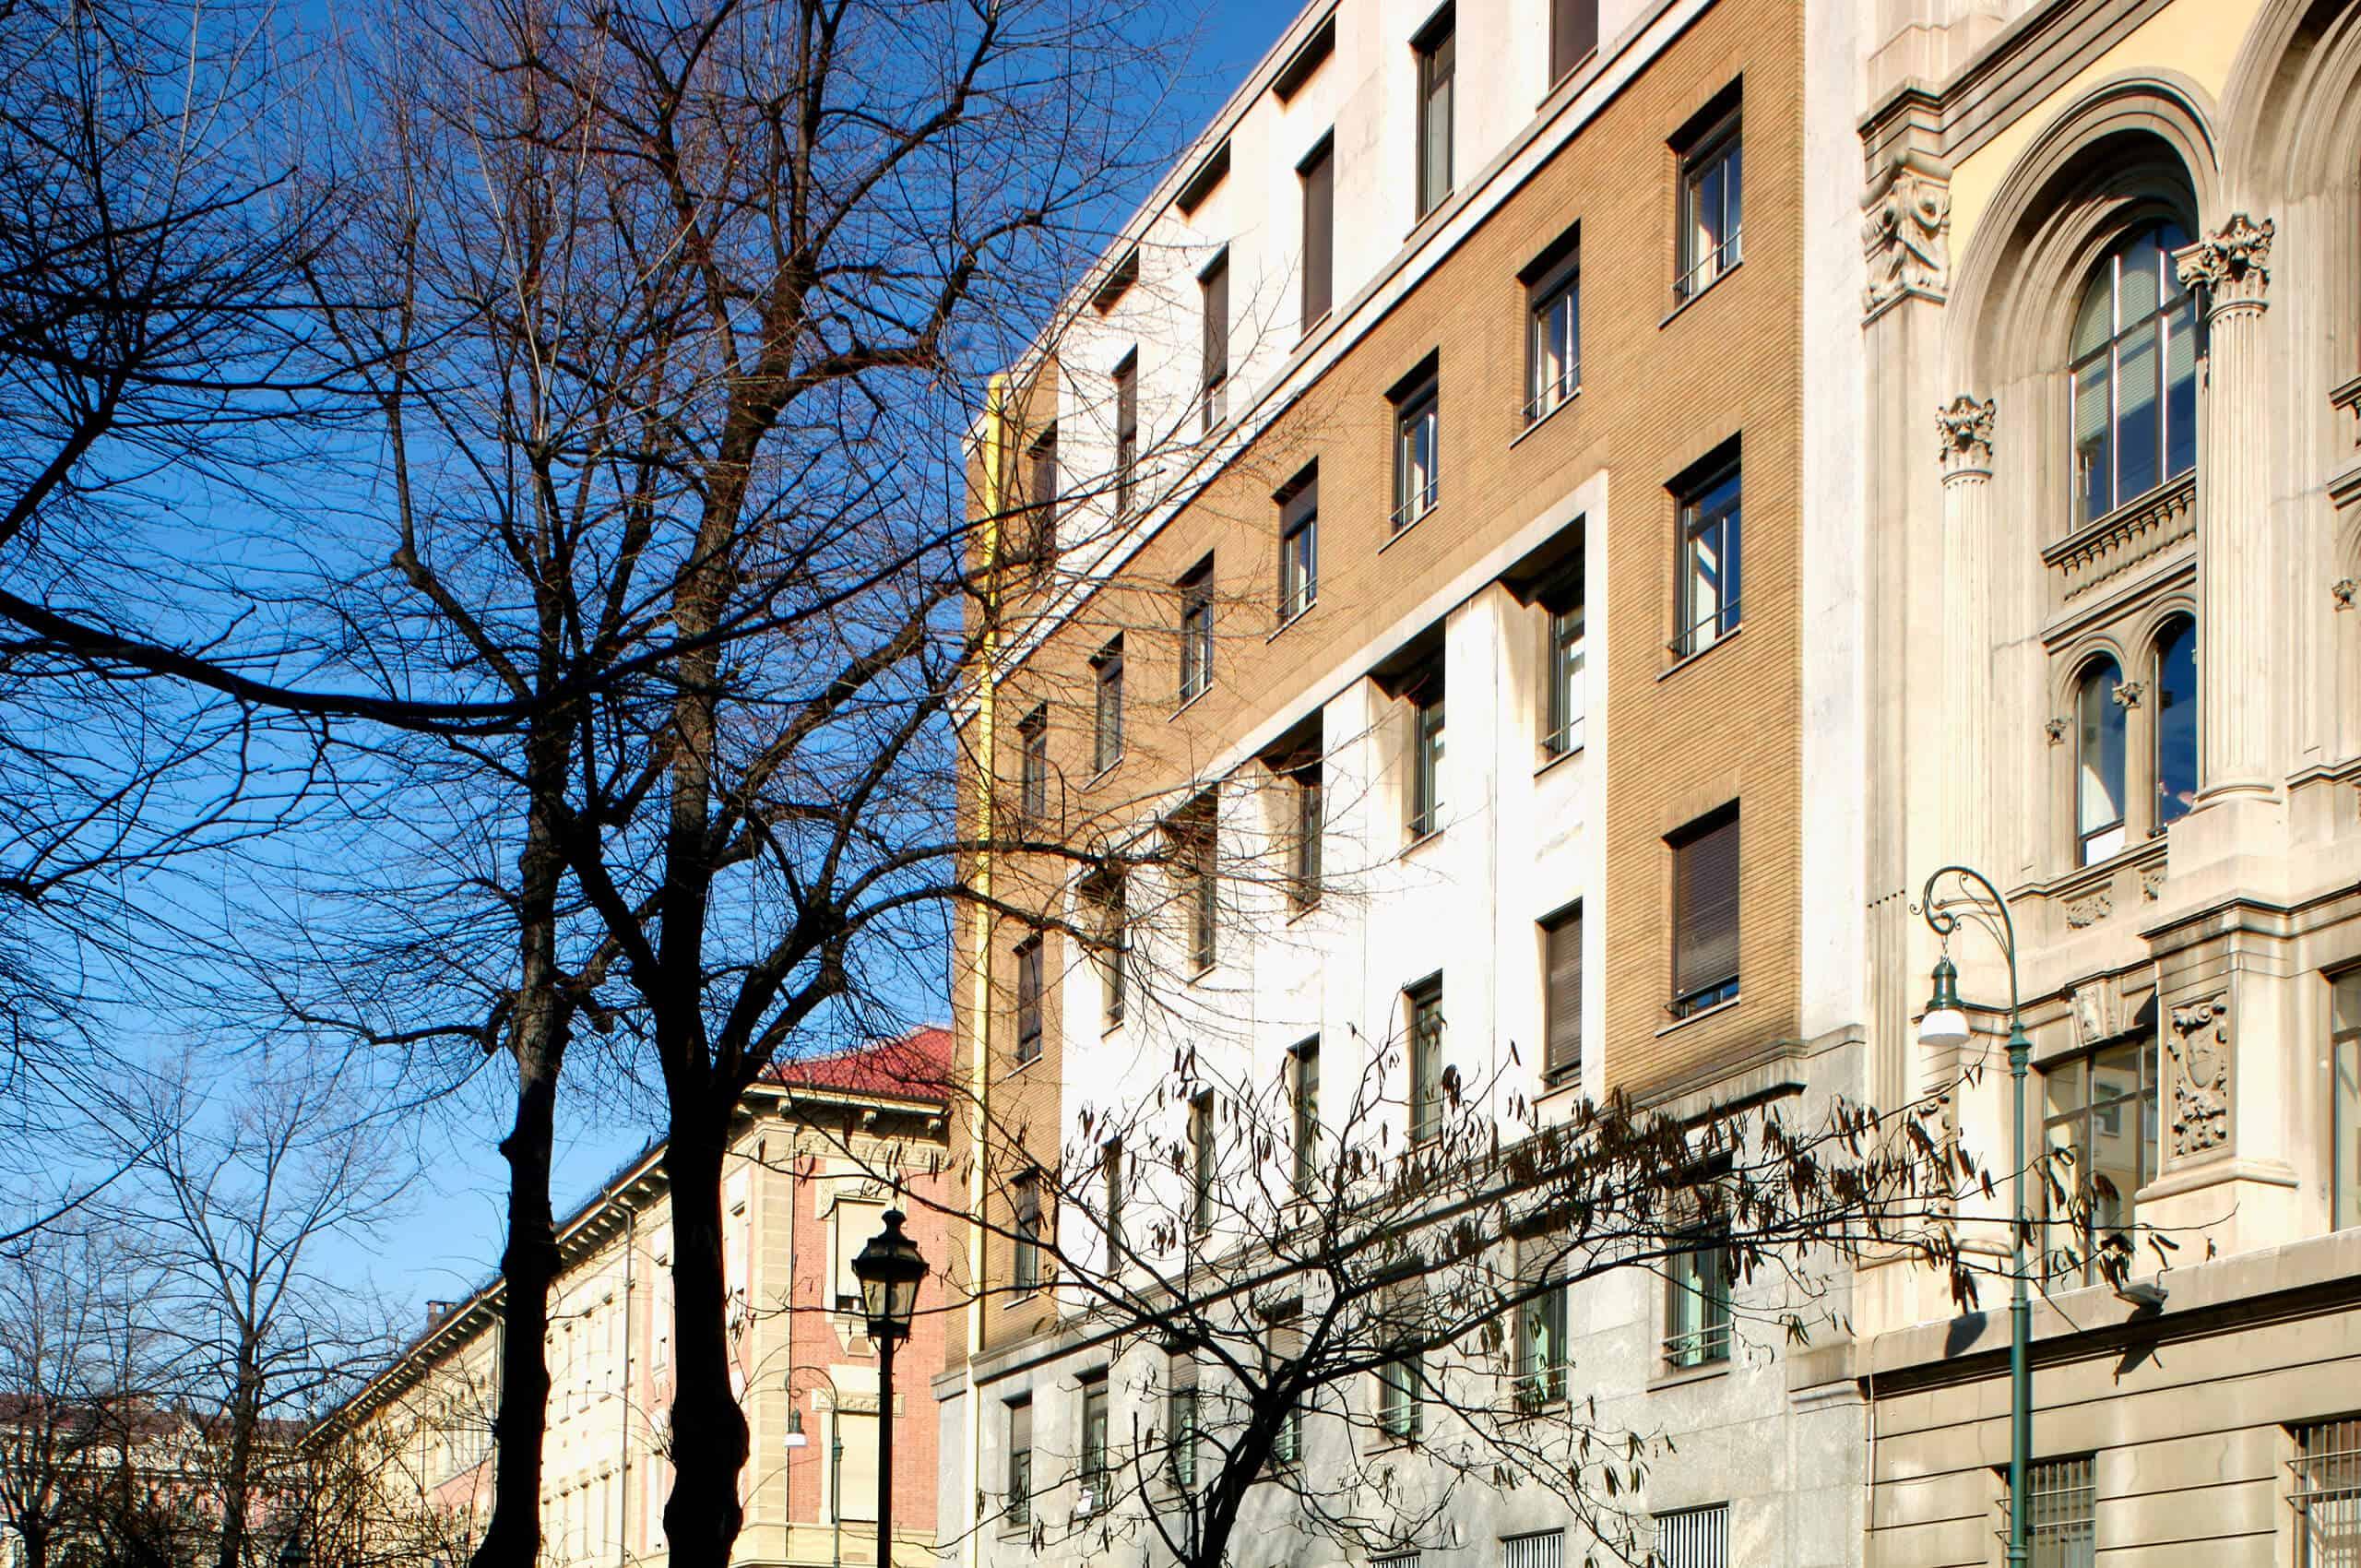 Central Sicaf - Turin,<br>Via Mercantini